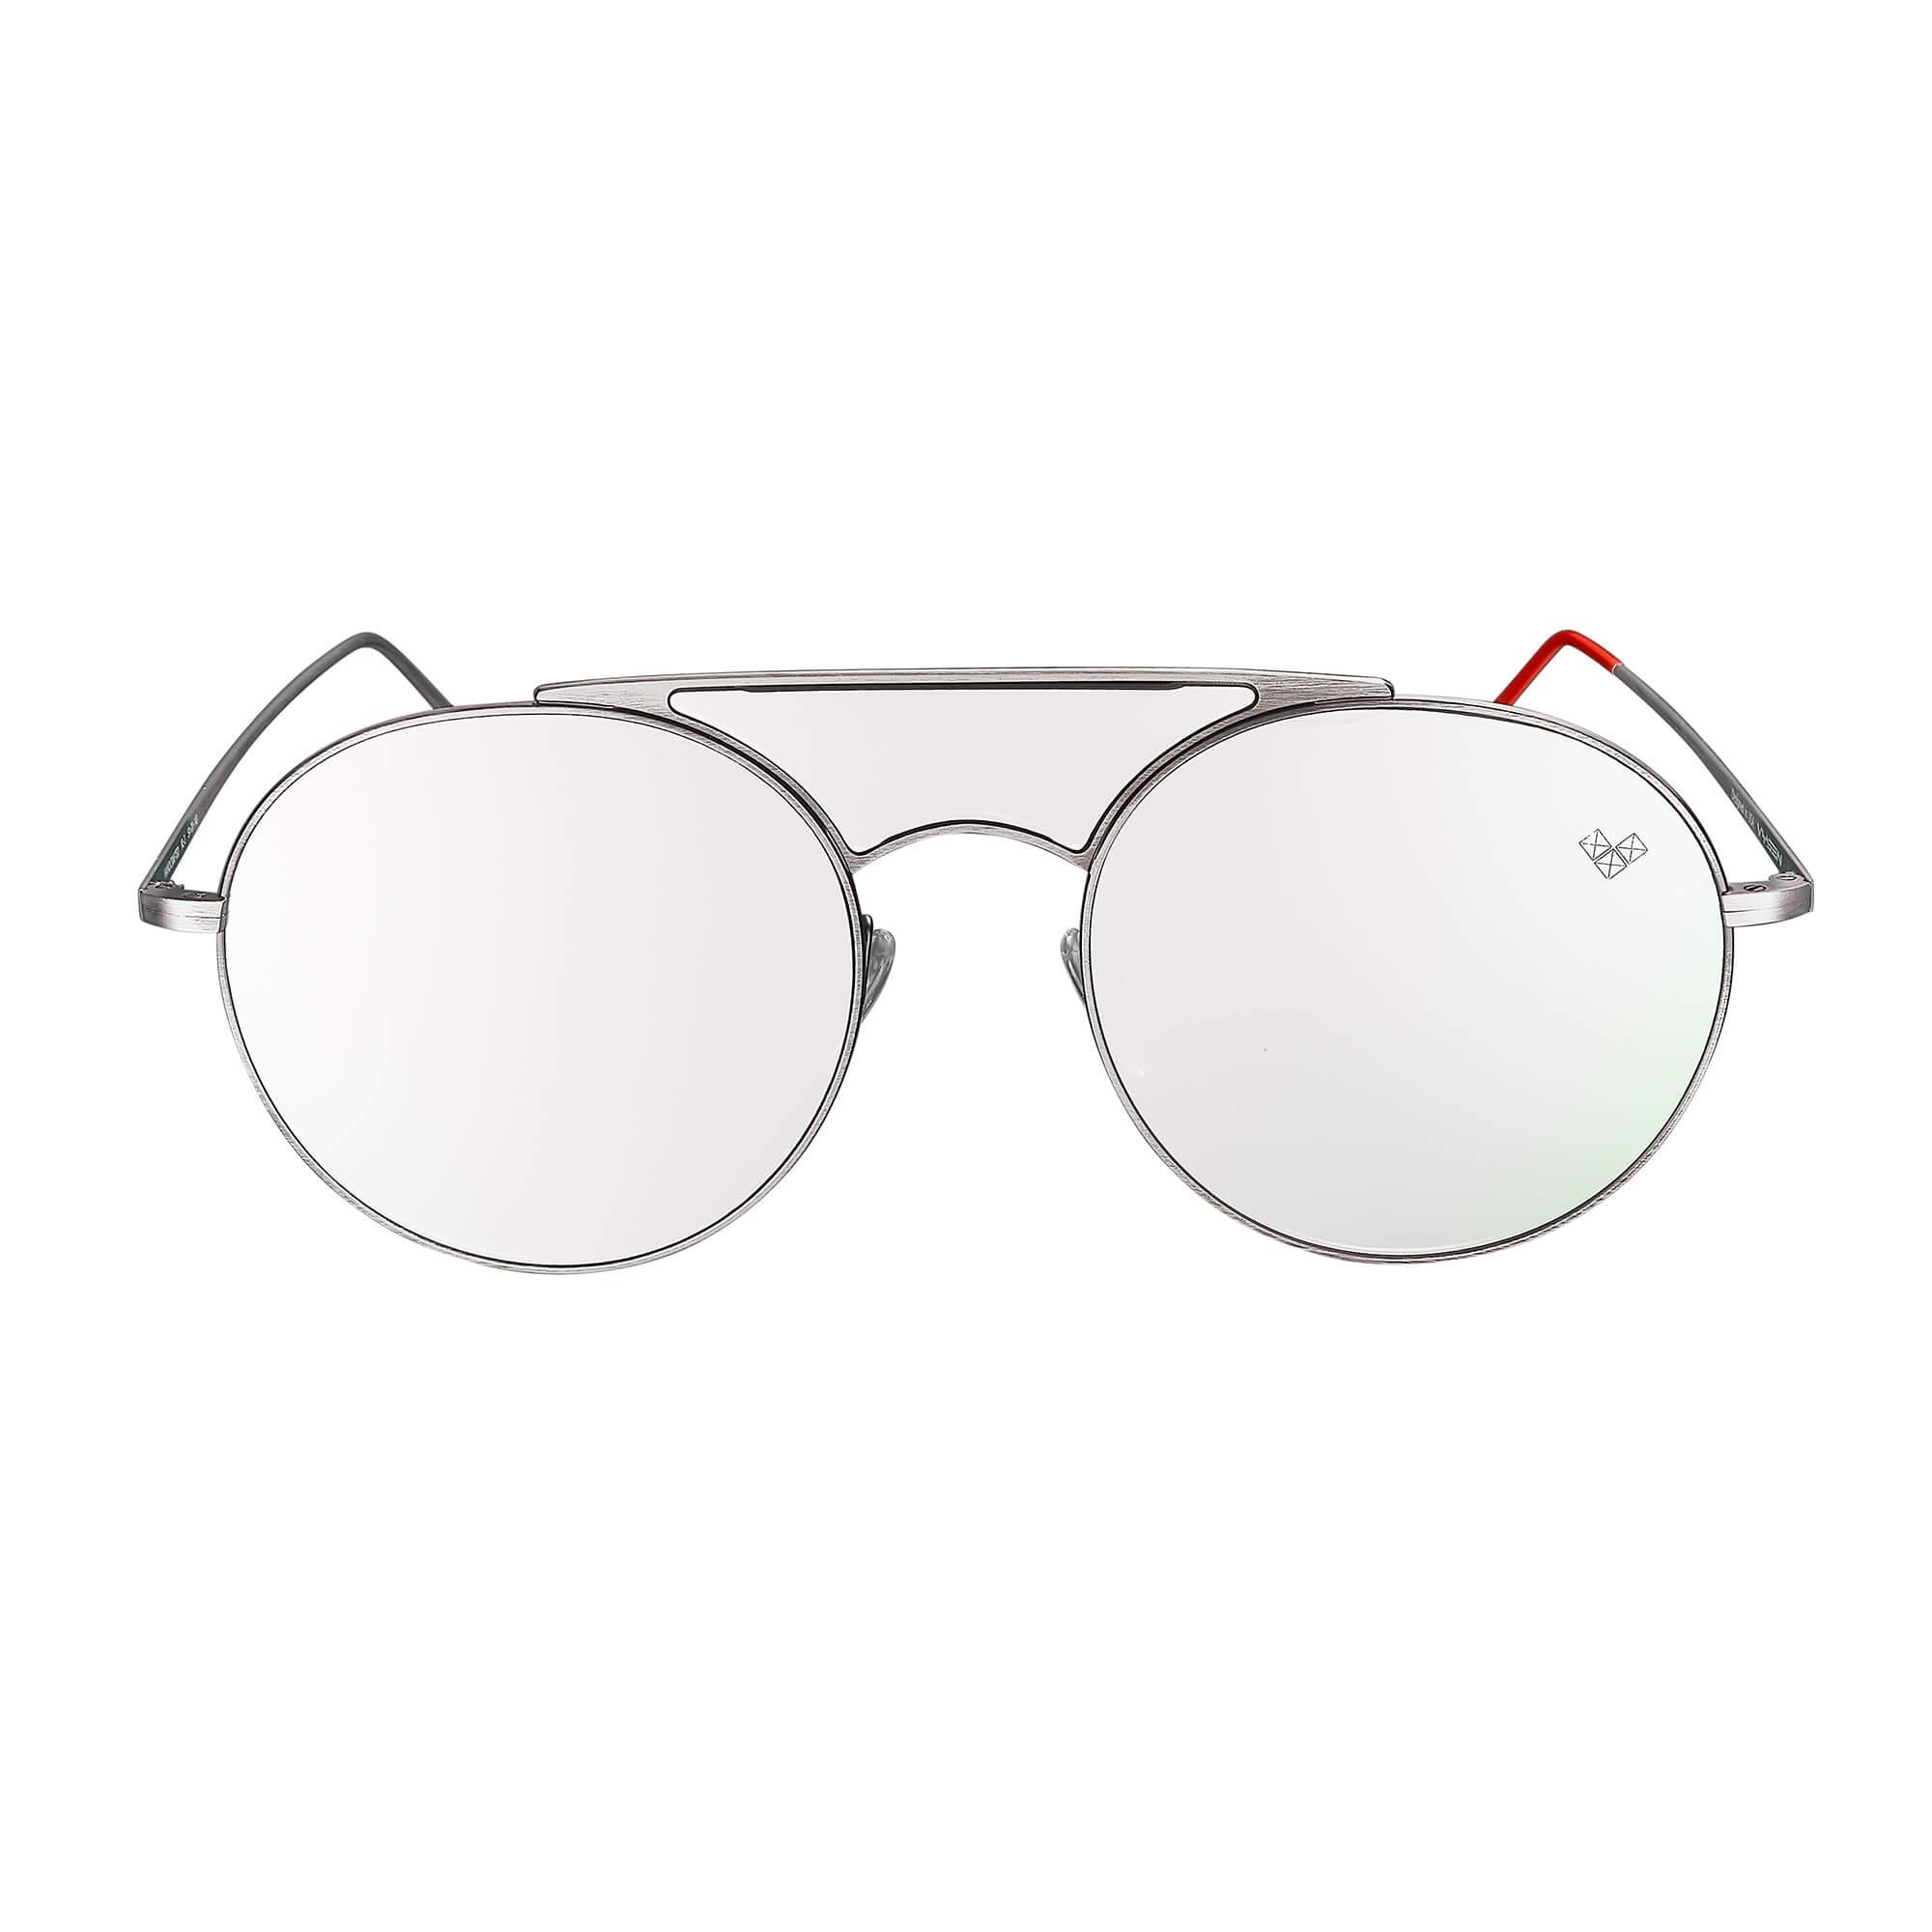 Kalai - Ariadna Gutierrez - KL - 2 + Matte Silver Frame + Silver Mirror Lenses